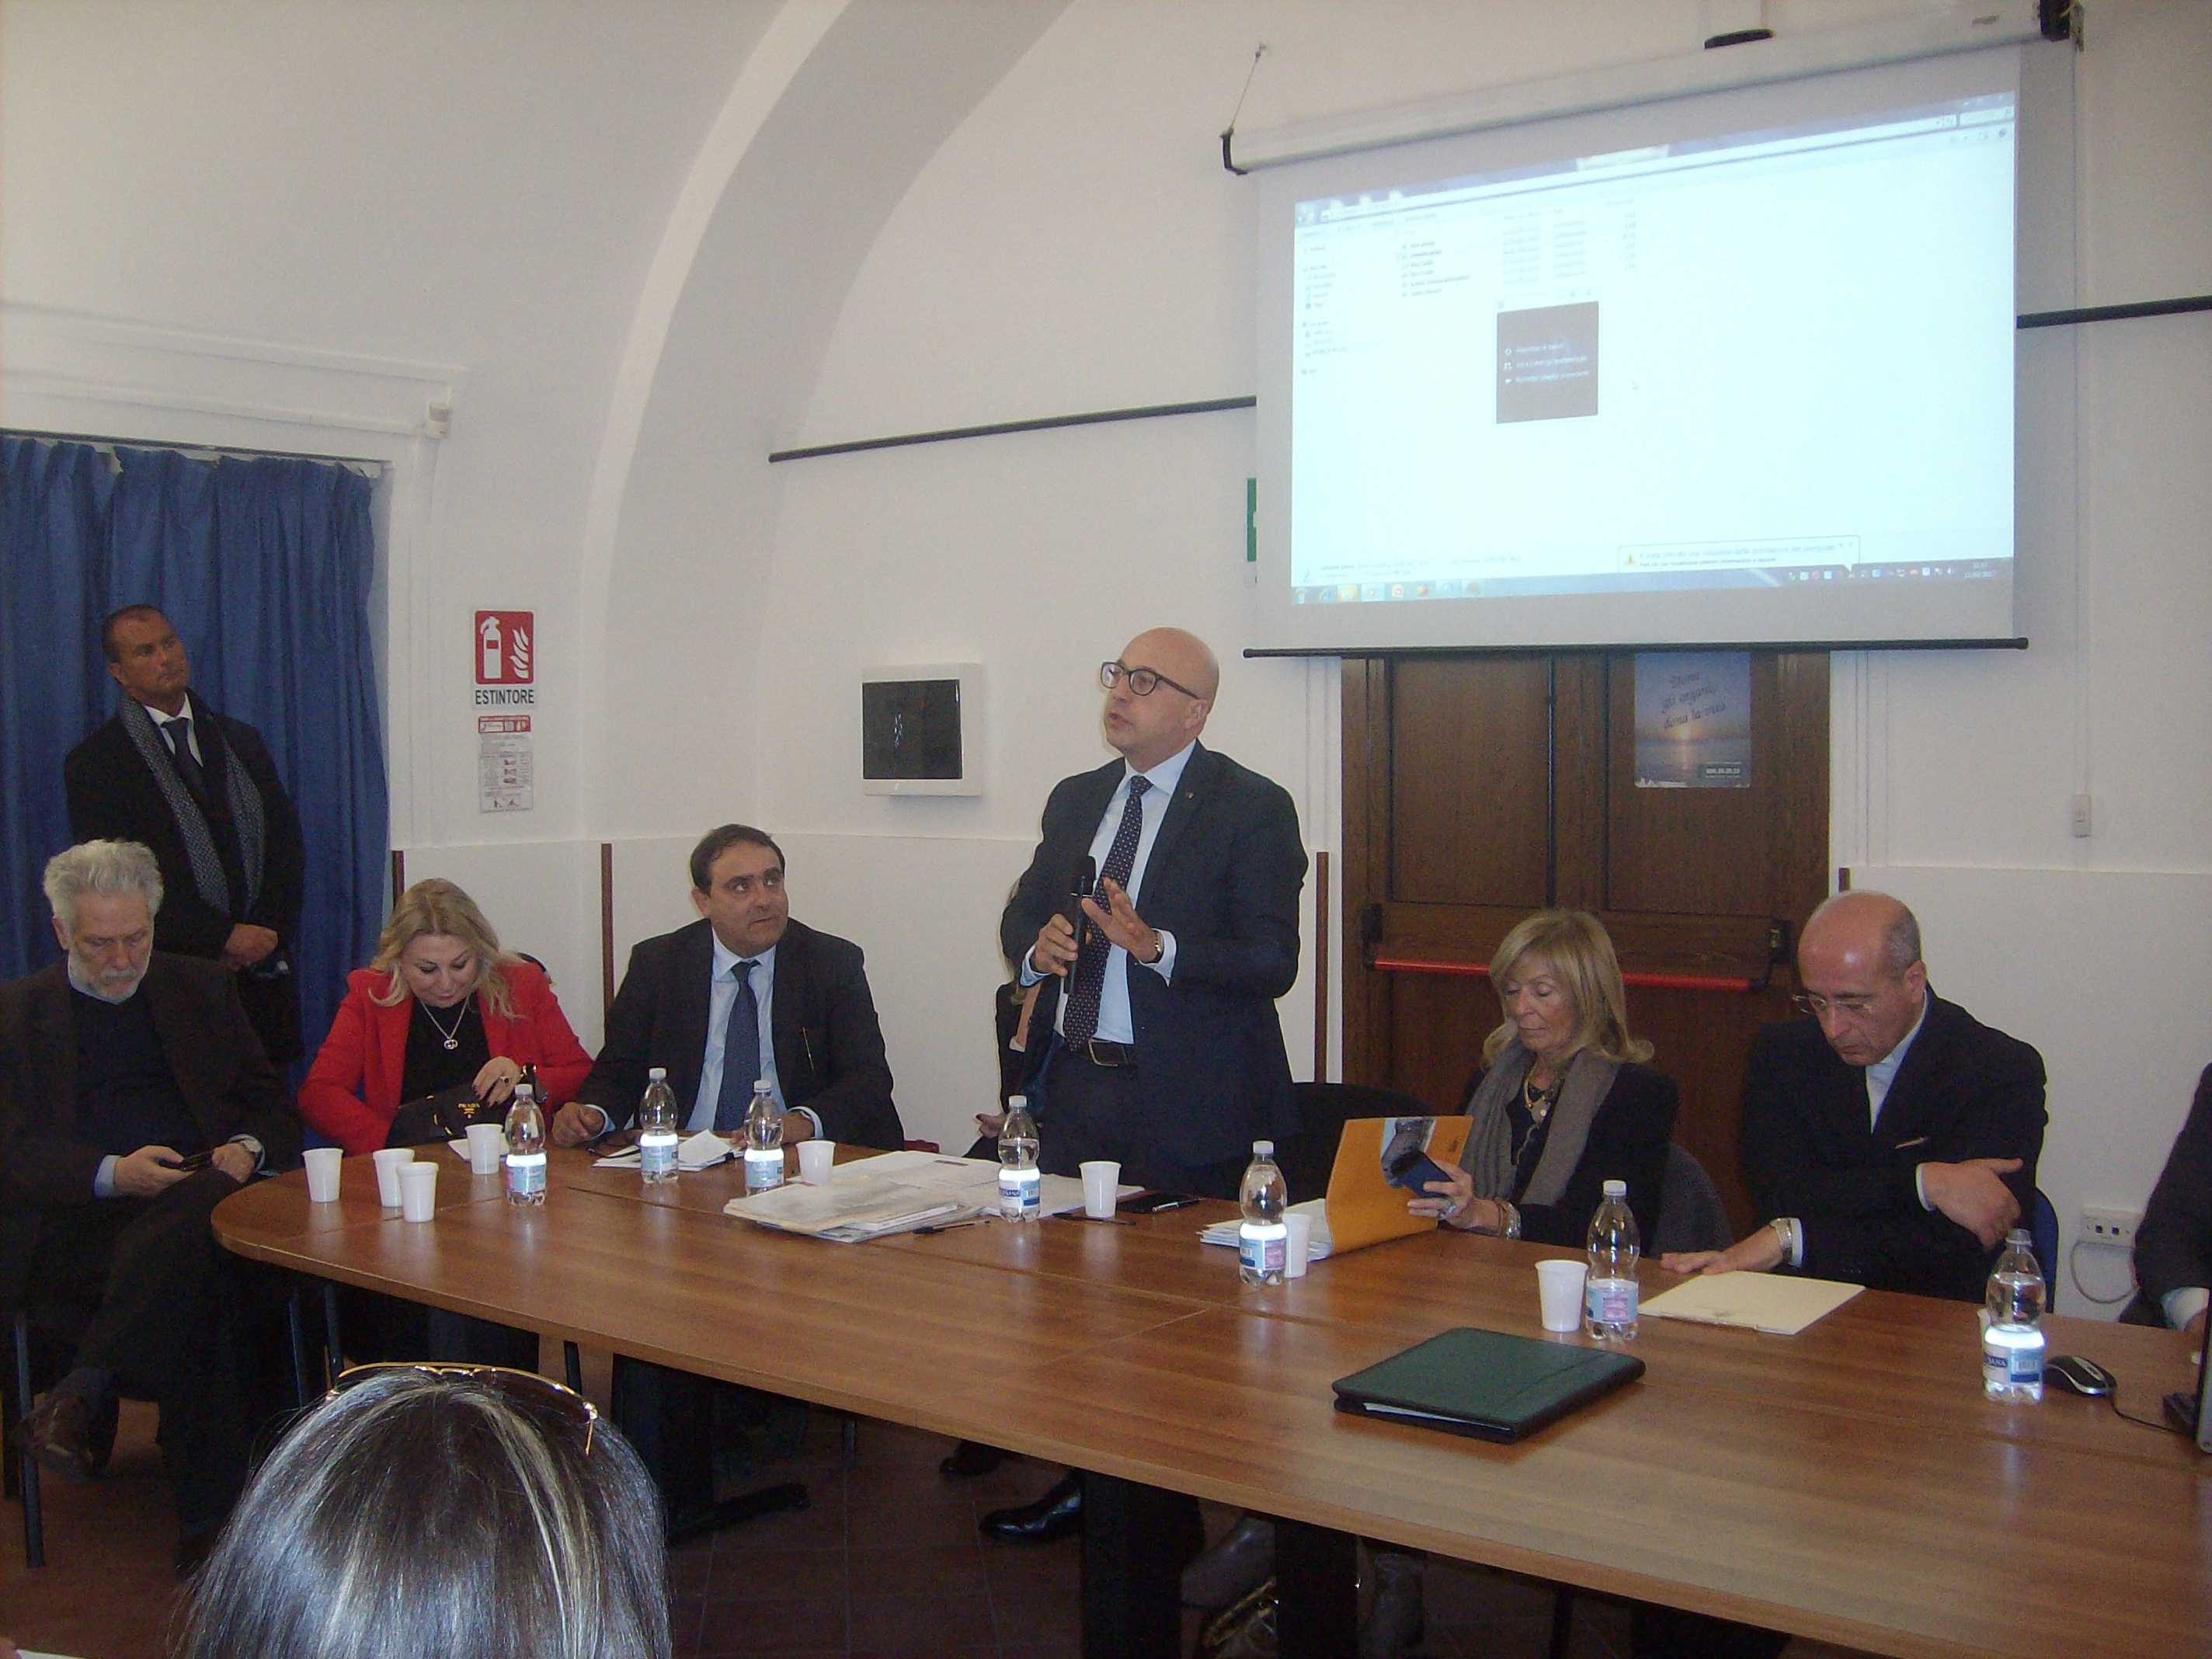 Giugliano in Campania 11 3 2017 – Sala convegni dell ASL Napoli 2 Nord sita in Piazza Annunziata